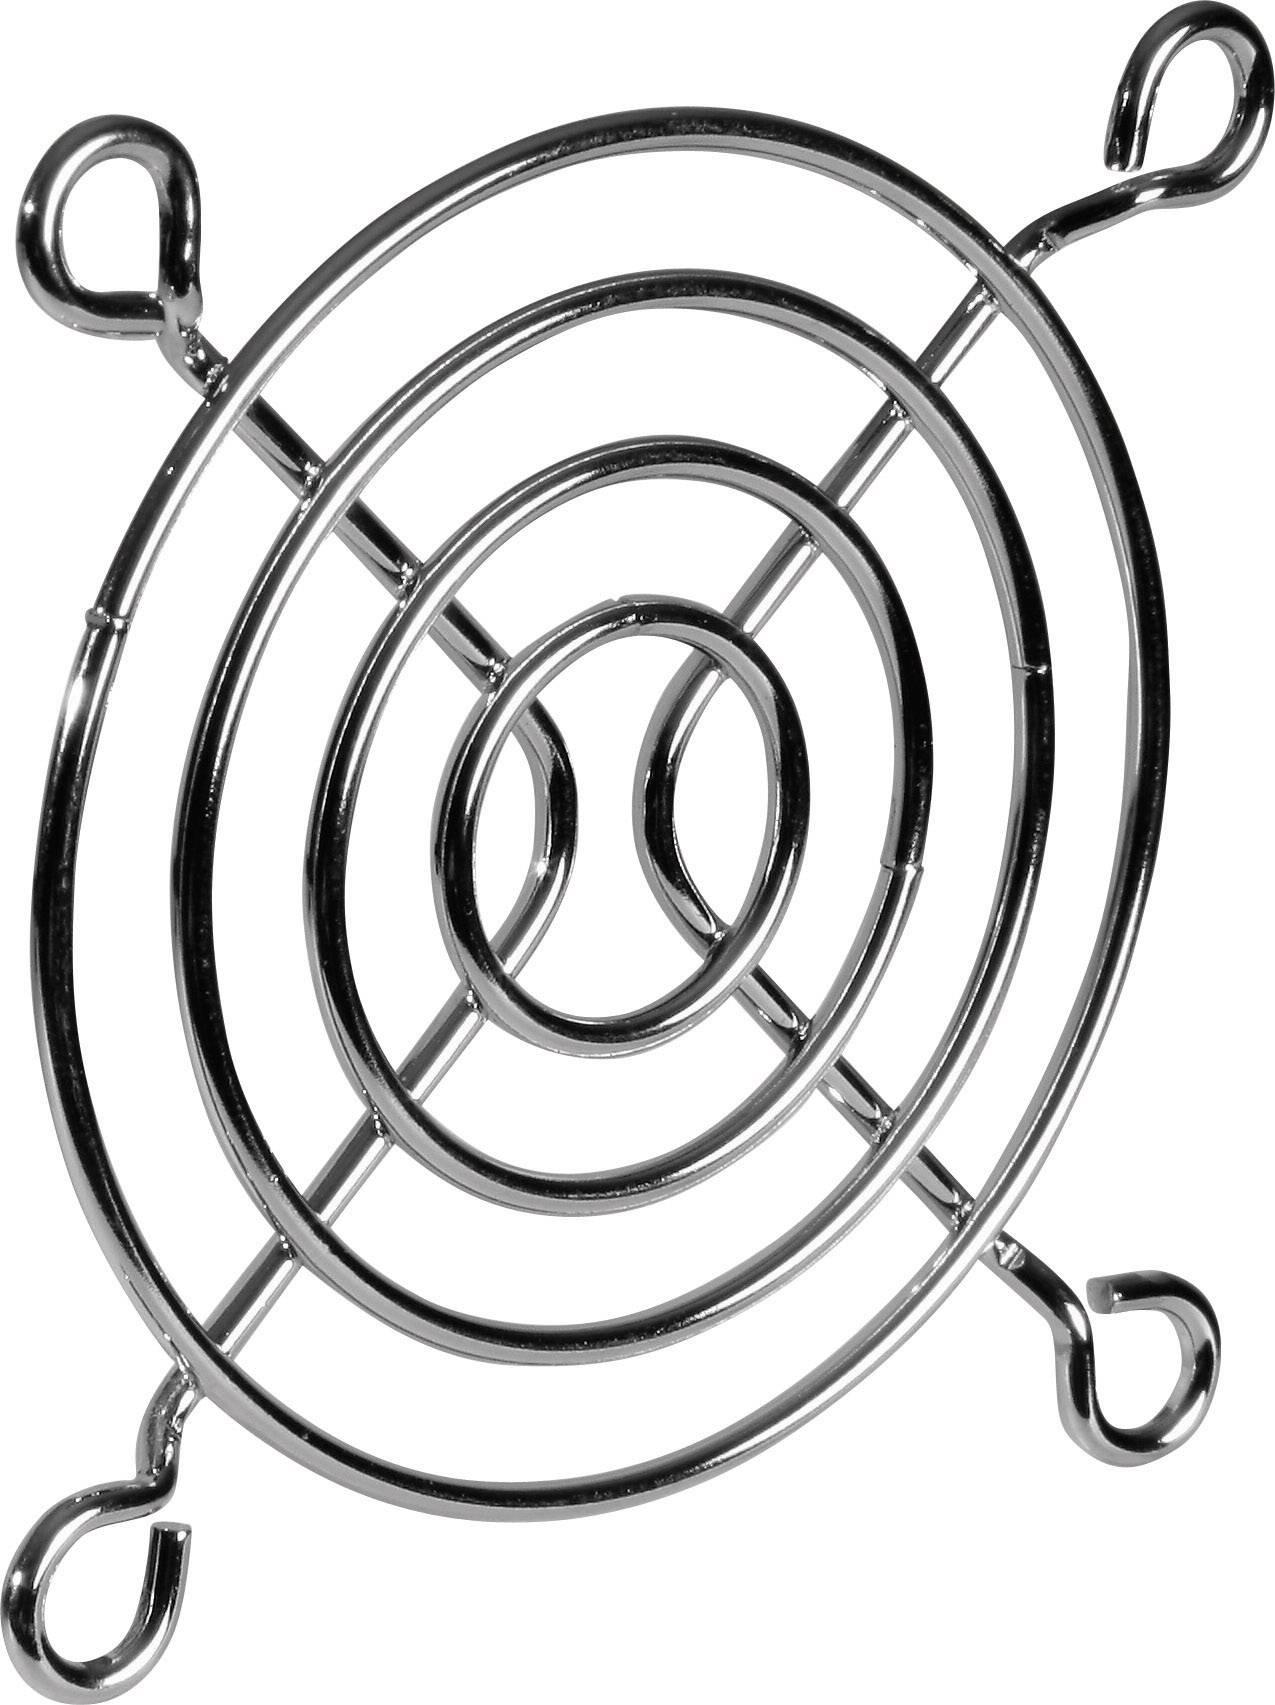 Vetracia mriežka SEPA;914010000, (š x v) 40 mm x 40 mm, 1 ks, oceľ, pochrómovaný